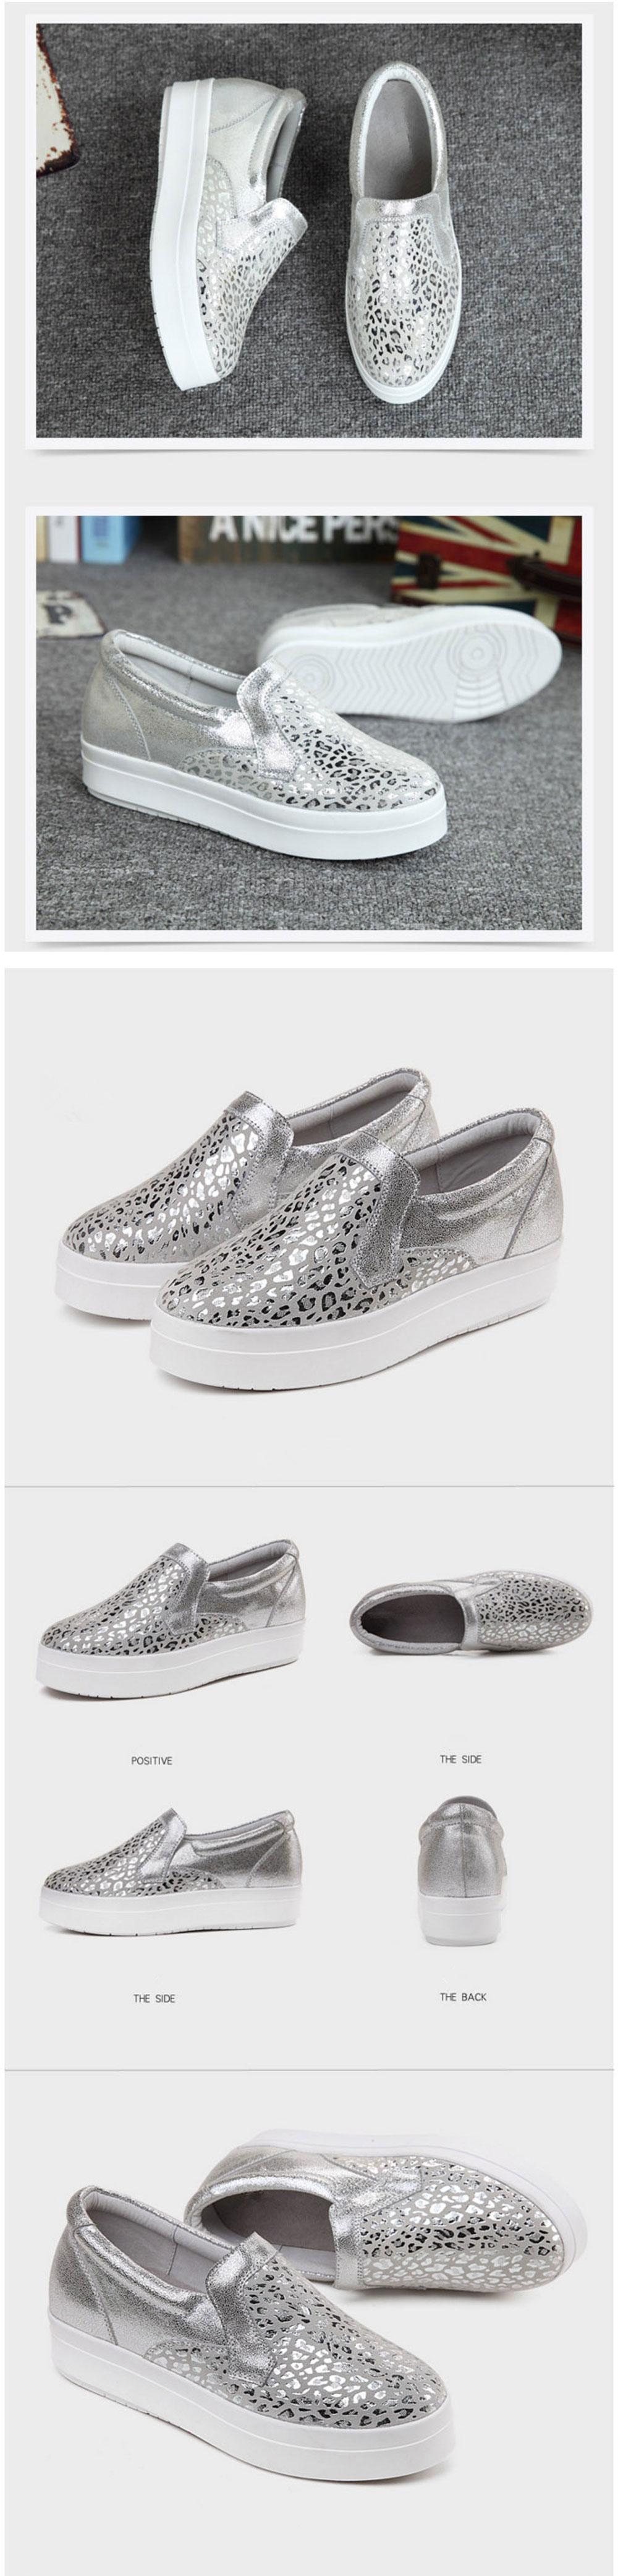 6ff159182122 FONIRRA Women Sneakers Platform Flats Loafers Shoes Bling Leopard ...